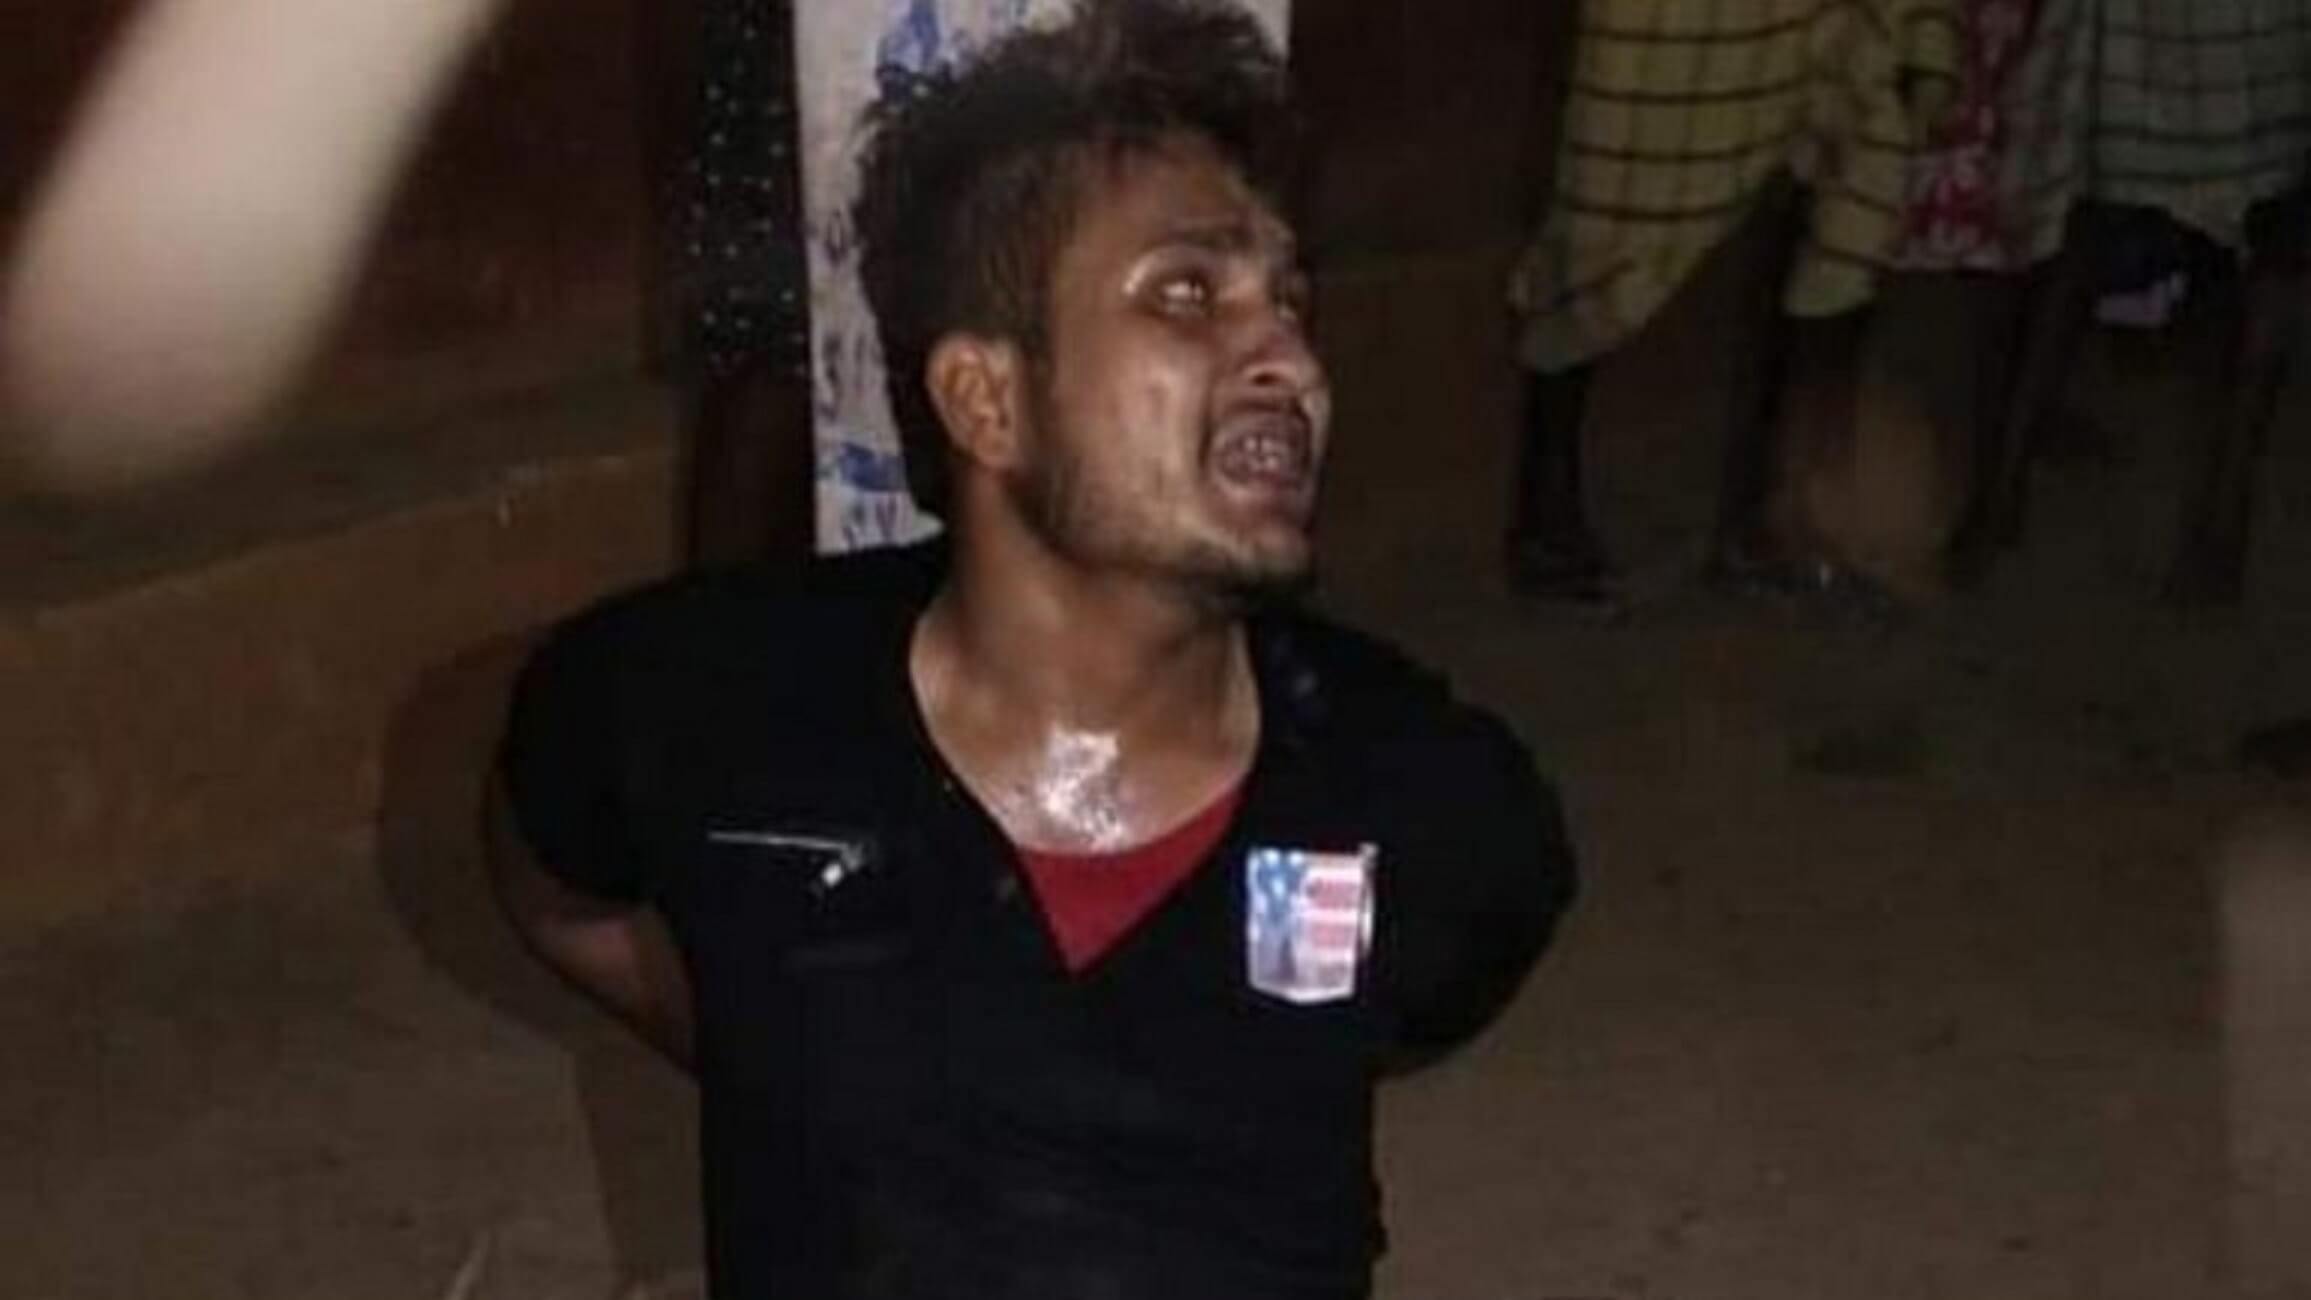 Φρίκη! Λίντσαραν μουσουλμάνο μέχρι θανάτου  - Ικέτευε τους βασανιστές του - Πολύ σκληρό βίντεο